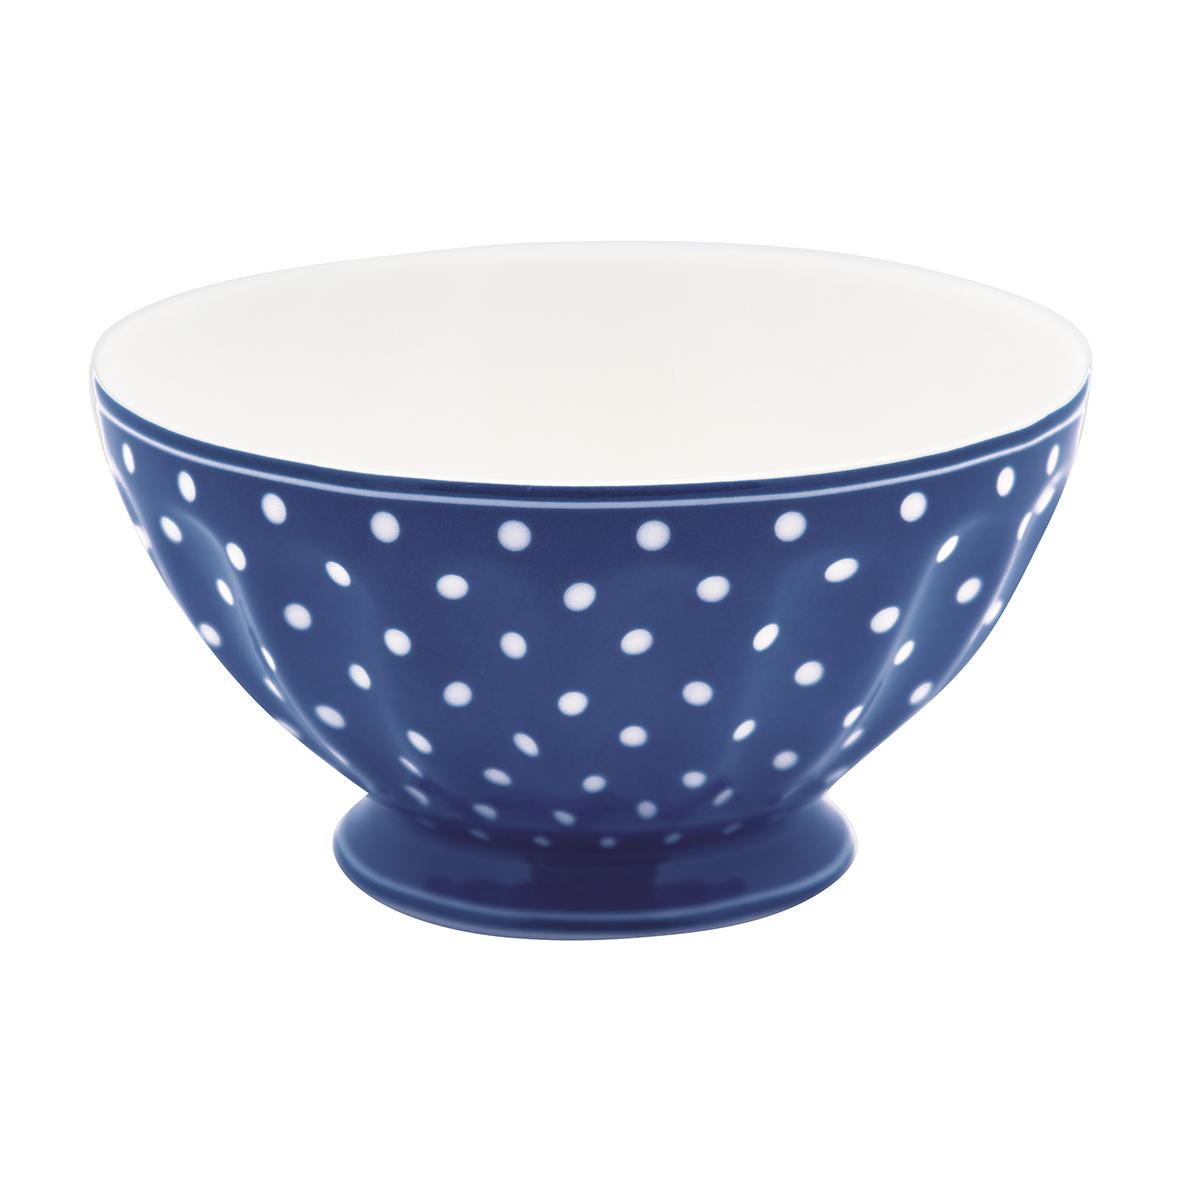 GreenGate French Bowl XL Spot Blue